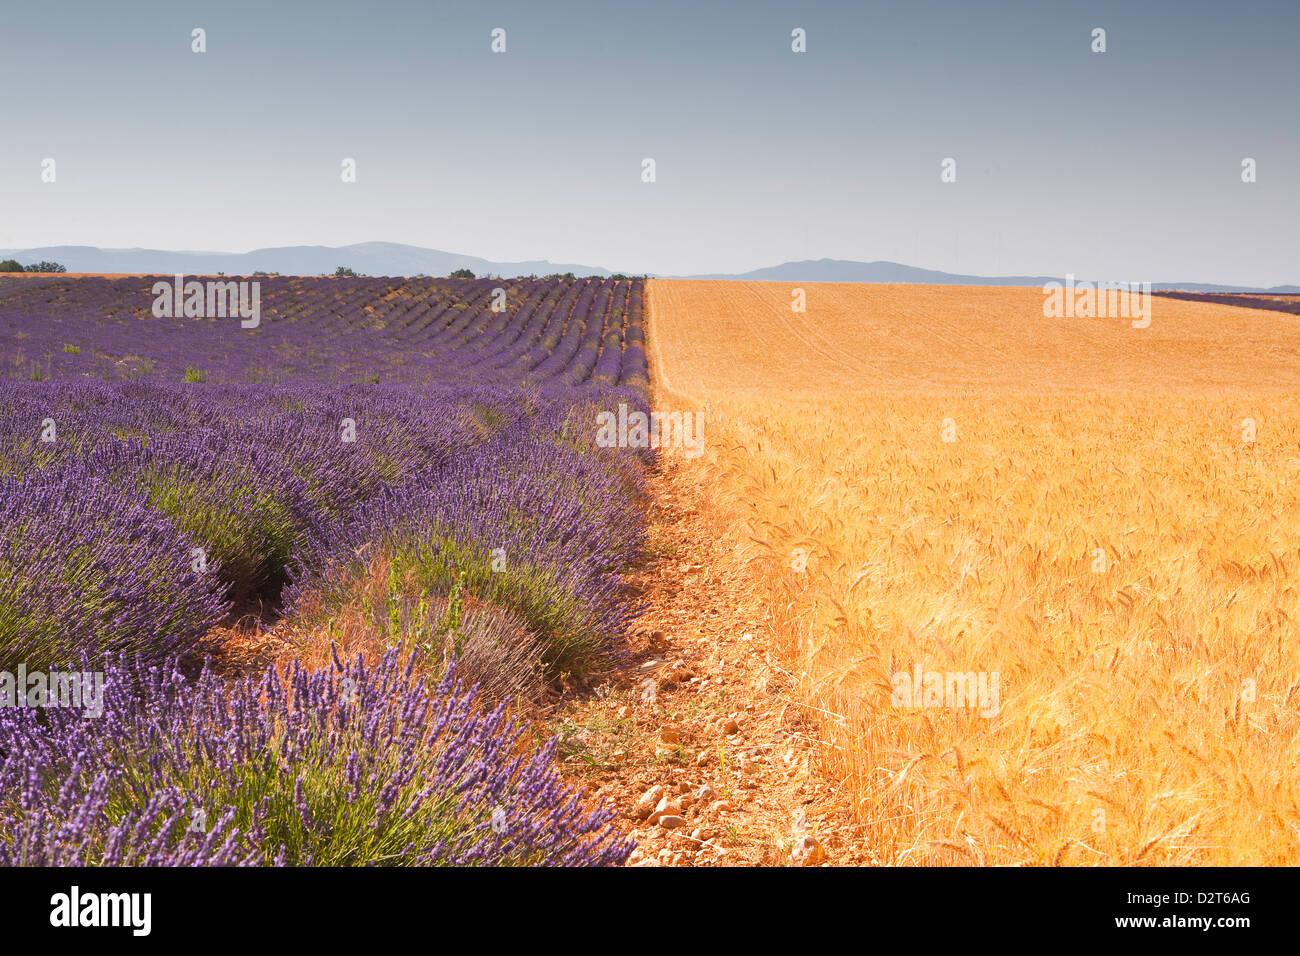 La lavande et la culture du blé côte à côte sur le Plateau de Valensole en Provence, France, Photo Stock